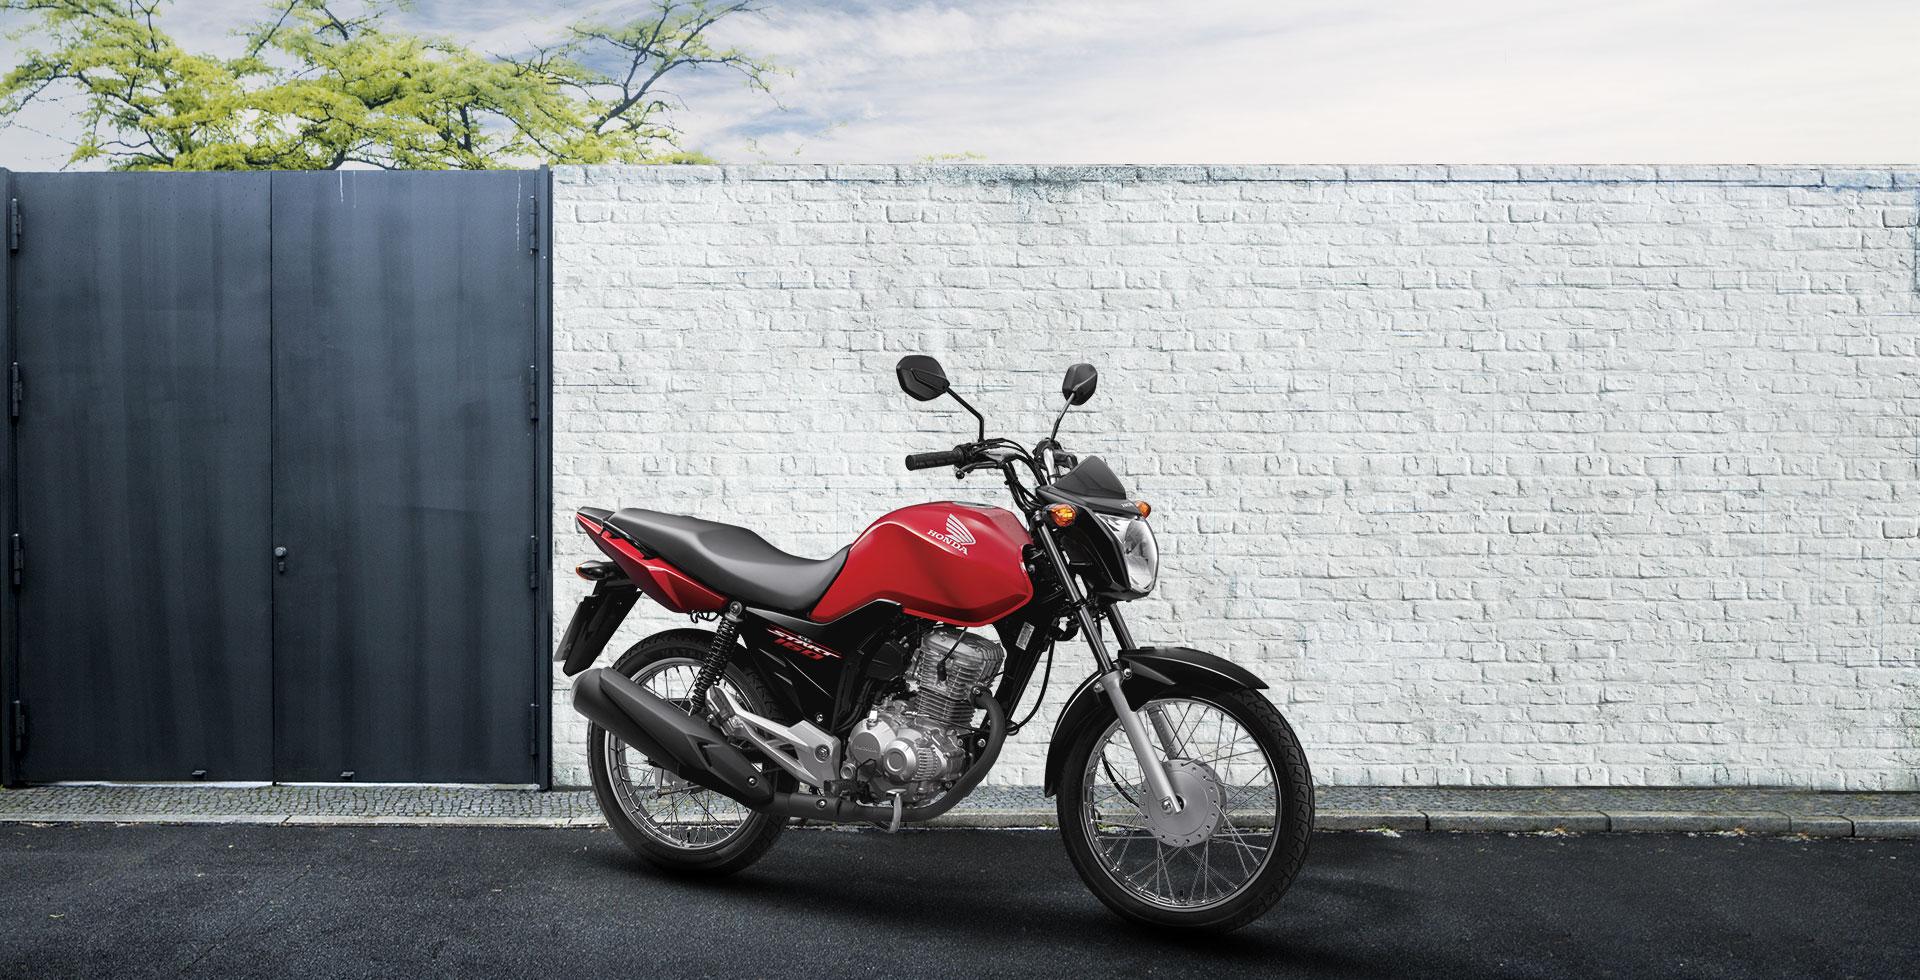 Honda Produto Cg Start Desktop on Motos Honda Crf